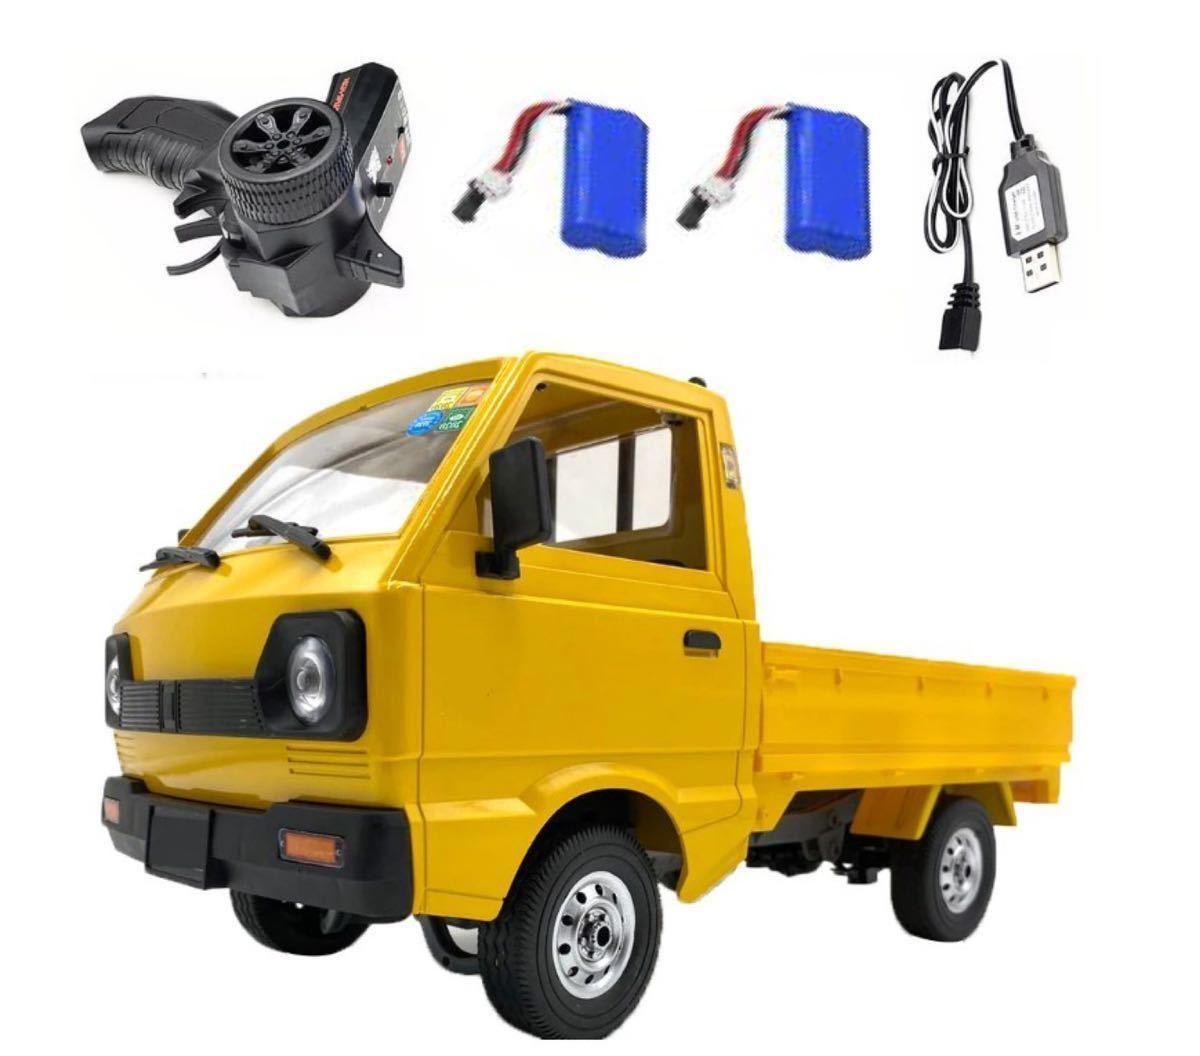 ★国内即納★バッテリー2本 黄色 イエロー WPL D12 ラジコンカー 軽トラック RC 1/10 2.4G 2WD RTR ドリフト スズキ キャリー SUZUKI CARRY_画像6